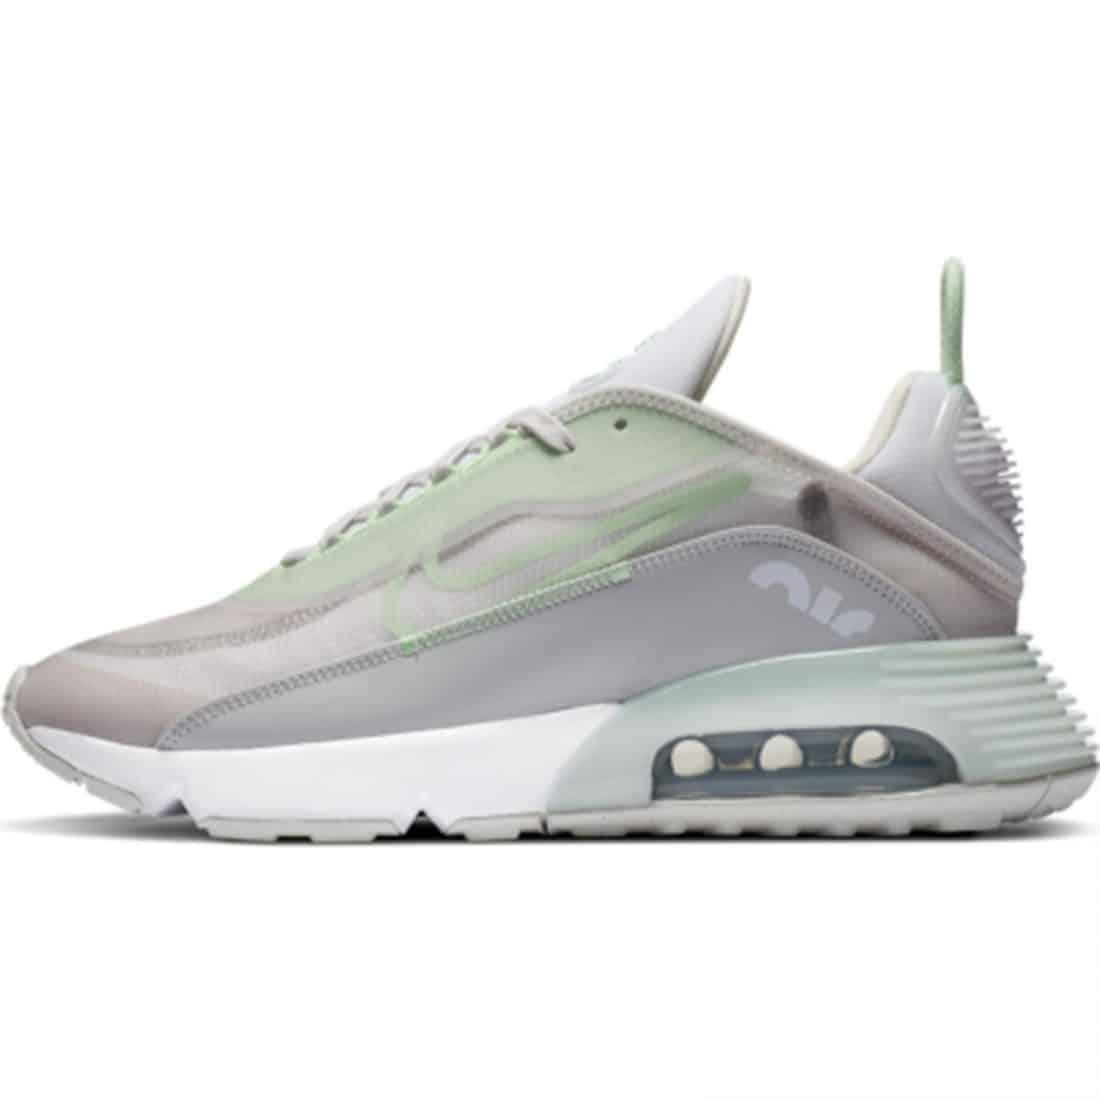 Nike dévoile les Air Max qui sortiront cet été Le Site de